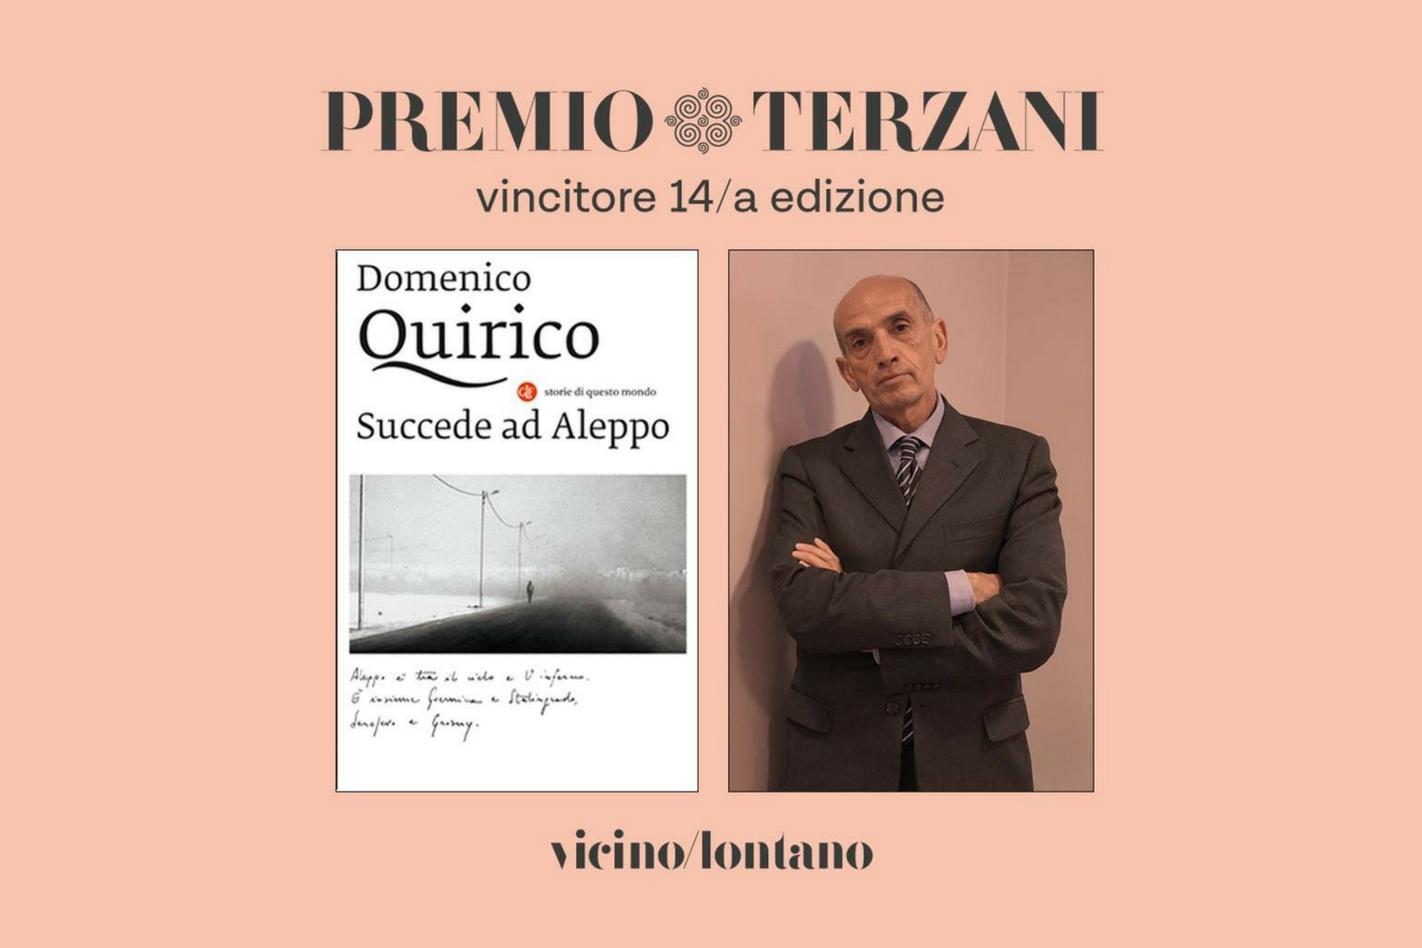 """Domenico Quirico, con """"Succede ad Aleppo"""", vince il Premio Terzani 2018"""